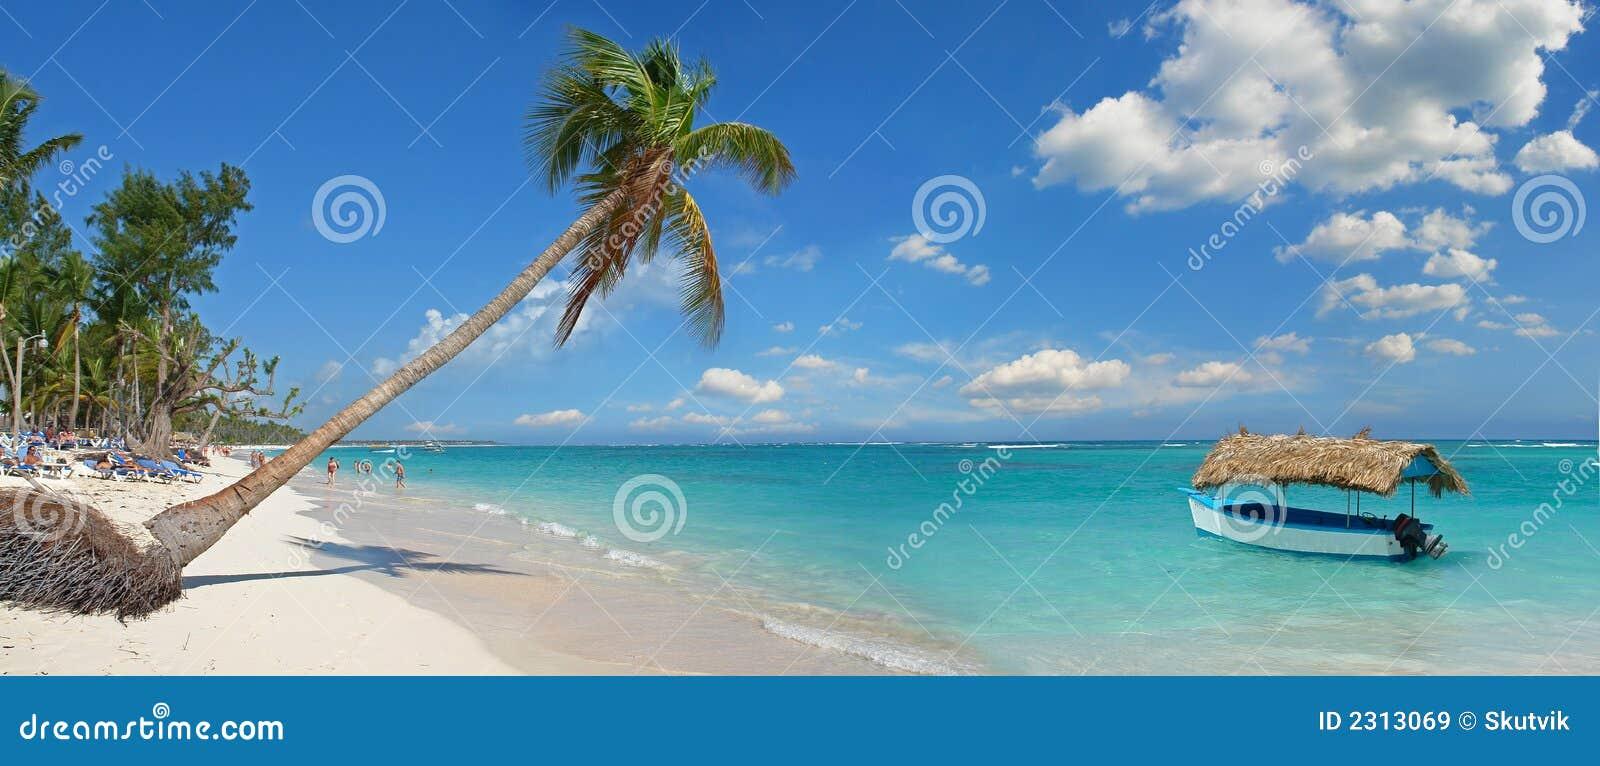 Spiaggia tropicale immagine stock immagine di sole for Disegni di casa sulla spiaggia tropicale